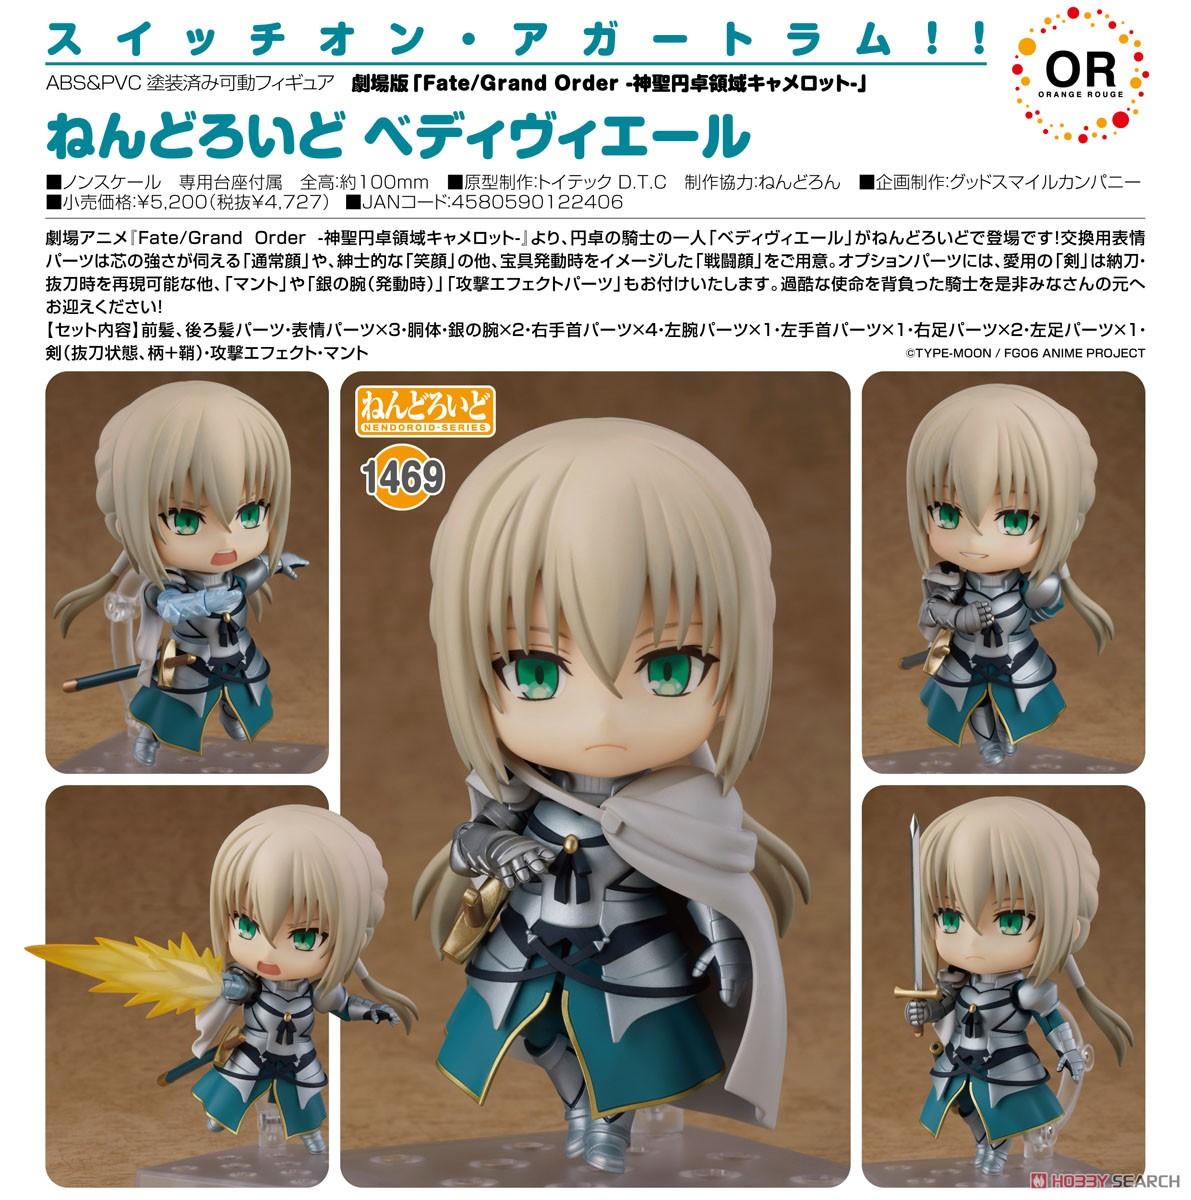 ねんどろいど『ベディヴィエール』Fate/Grand Order デフォルメ可動フィギュア-006